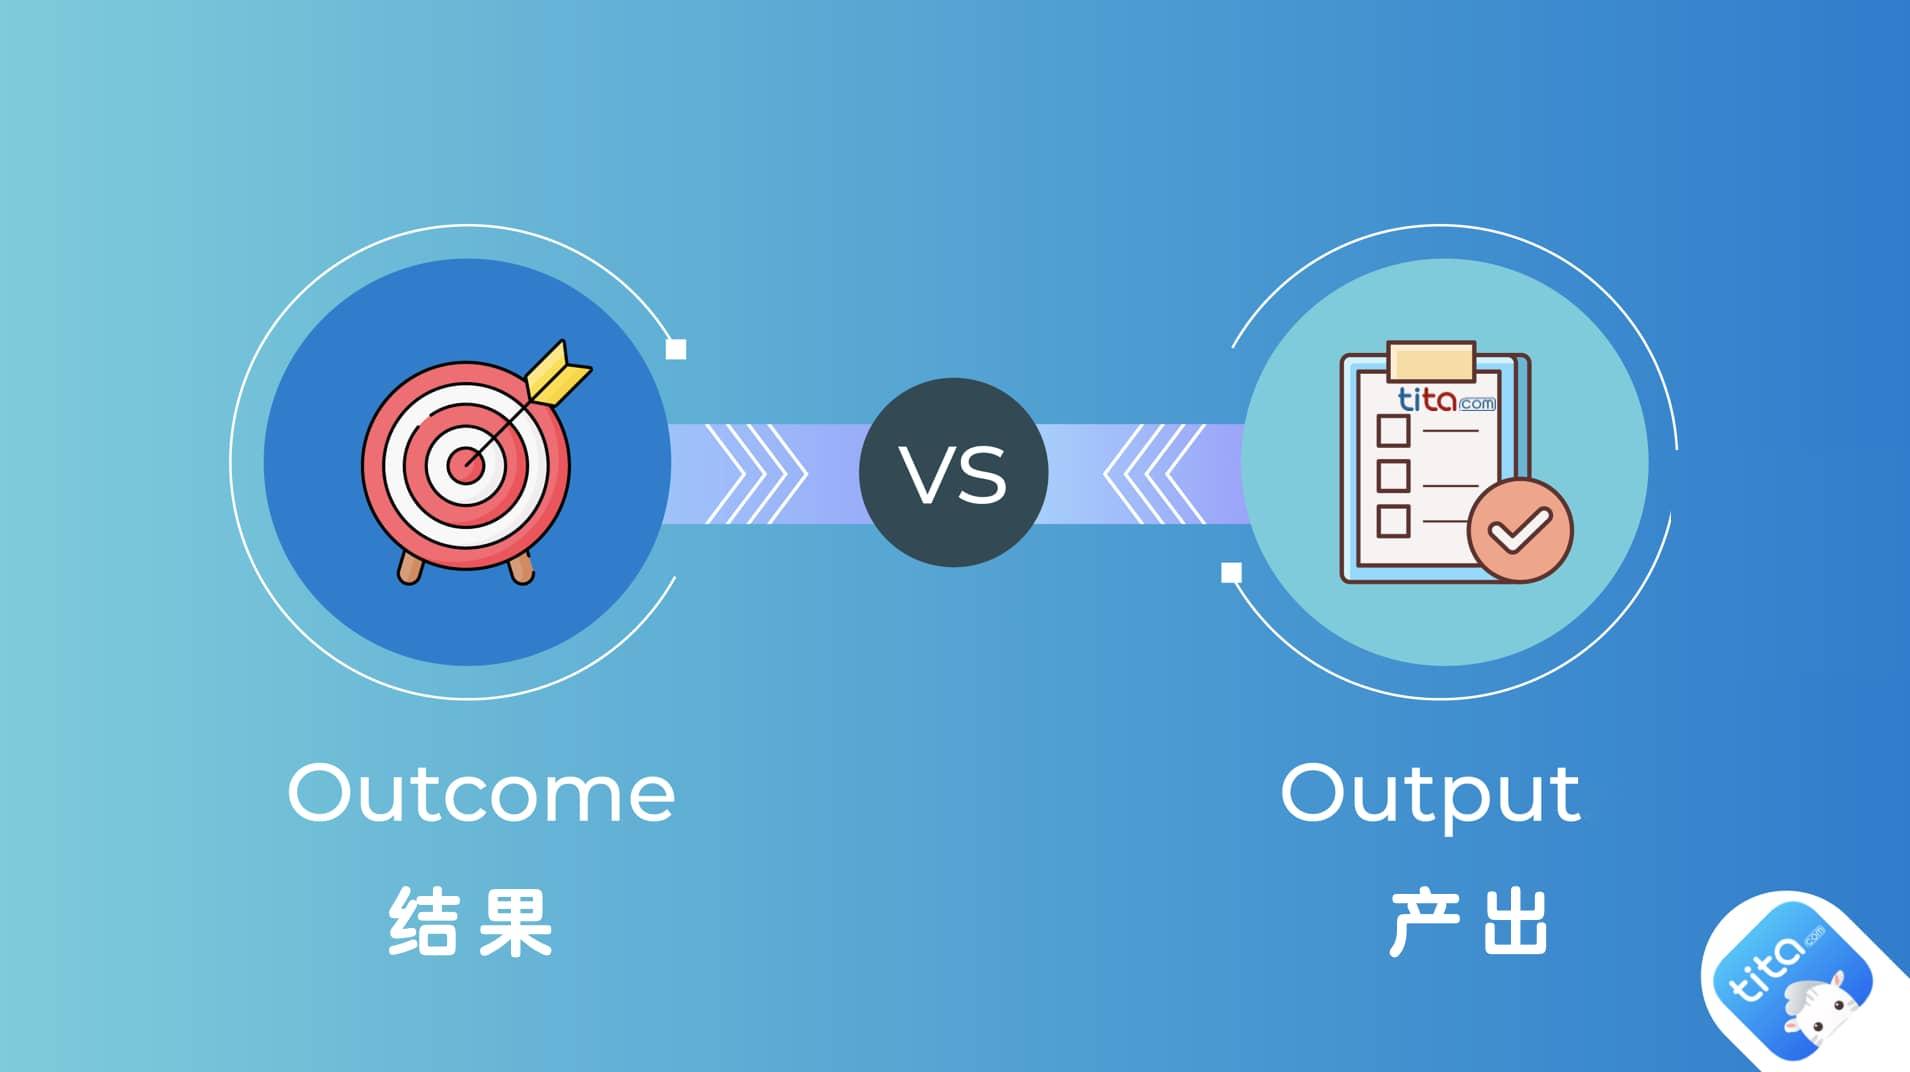 结果与产出 - 你的 OKR应该是什么?(而不是 KPI)